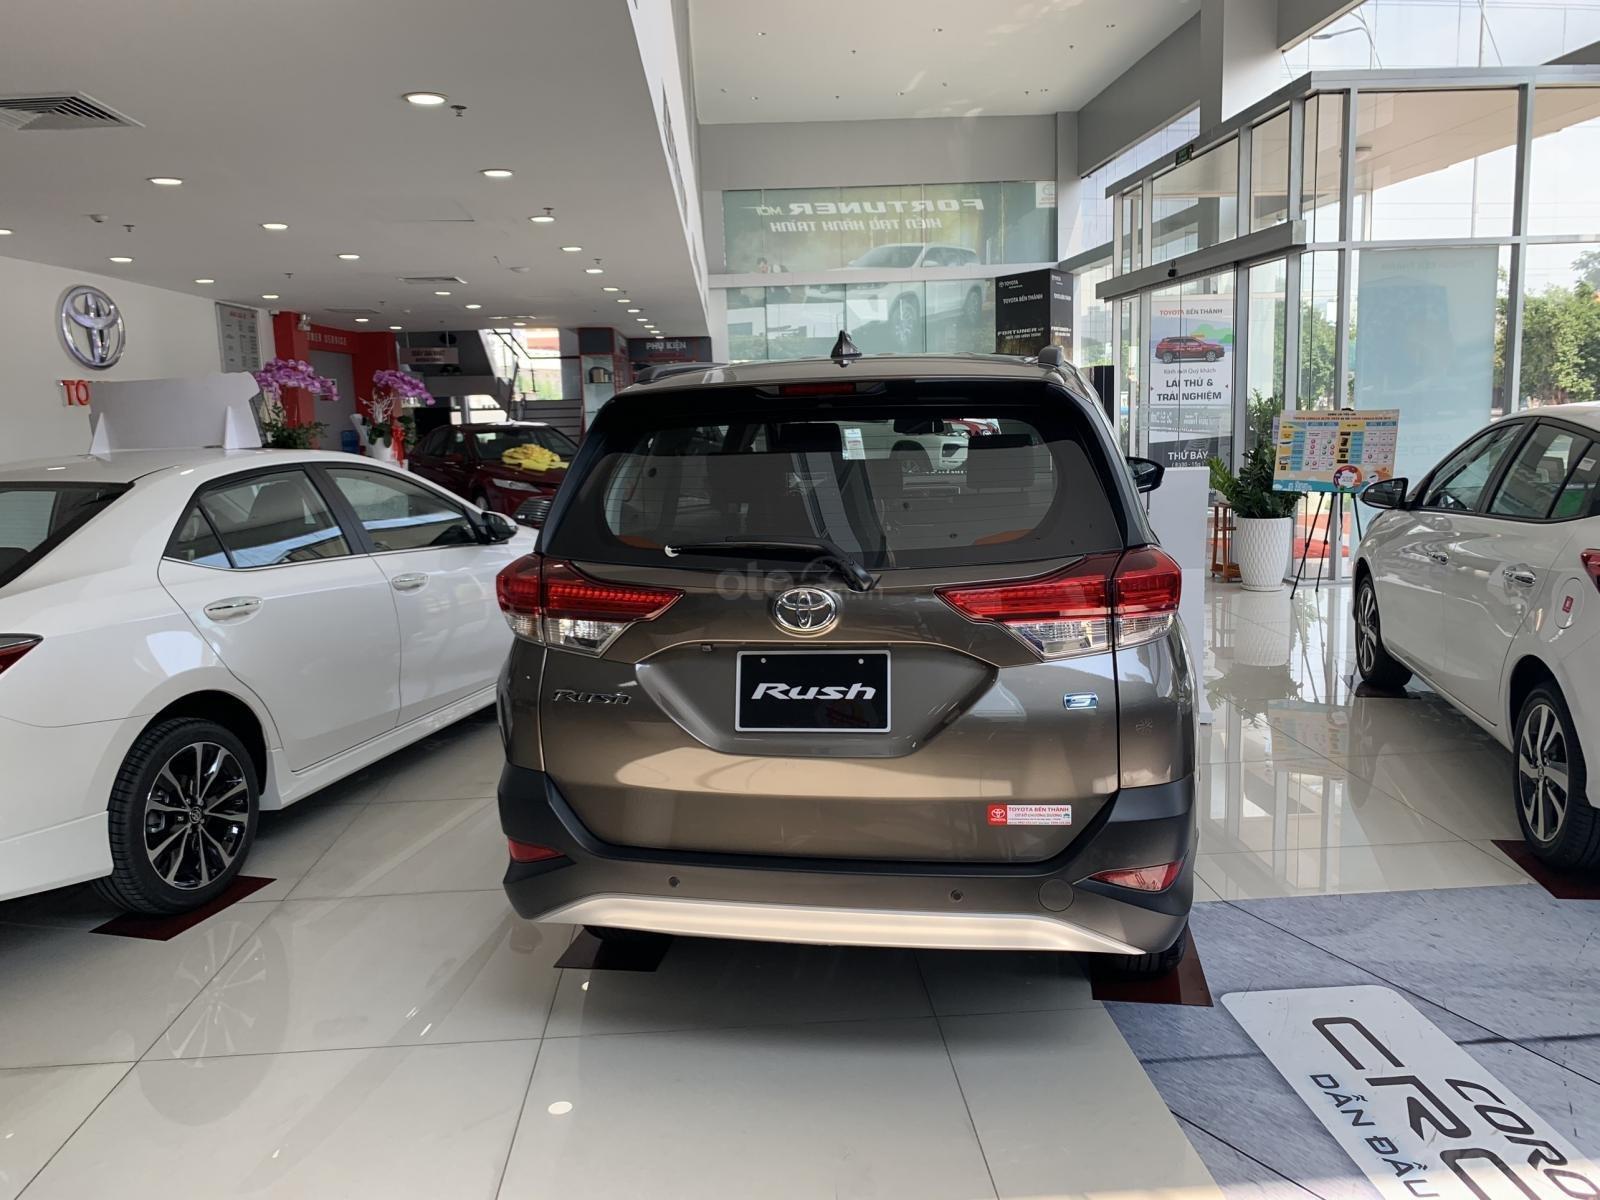 Toyota Rush 2020 - Tặng 2 năm bảo hiểm thân vỏ xe - Hỗ trợ vay trả góp từ 85% giá trị xe (5)